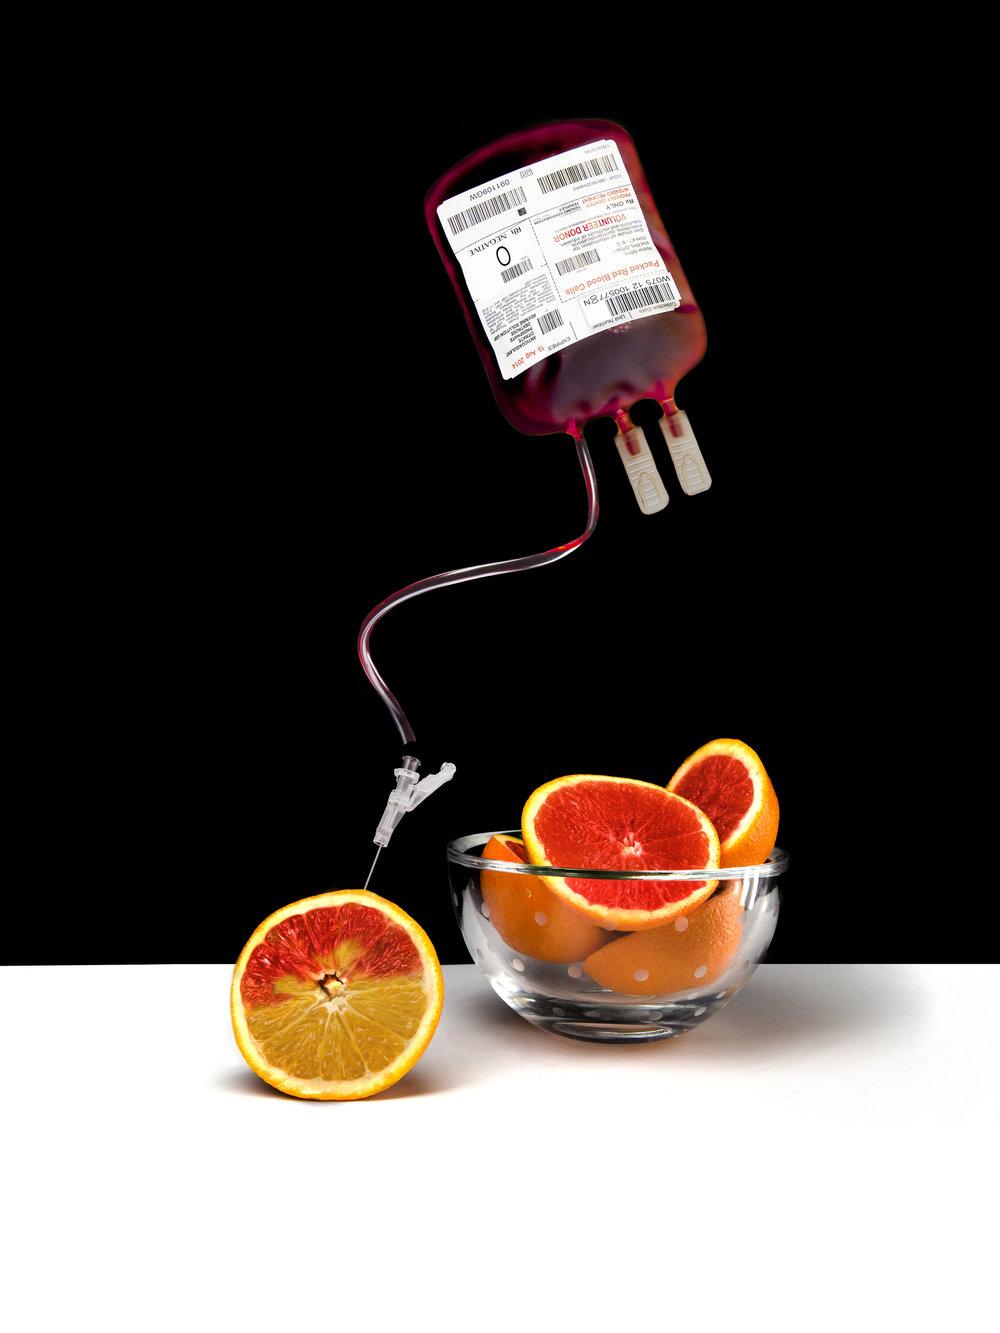 Making Blood Oranges